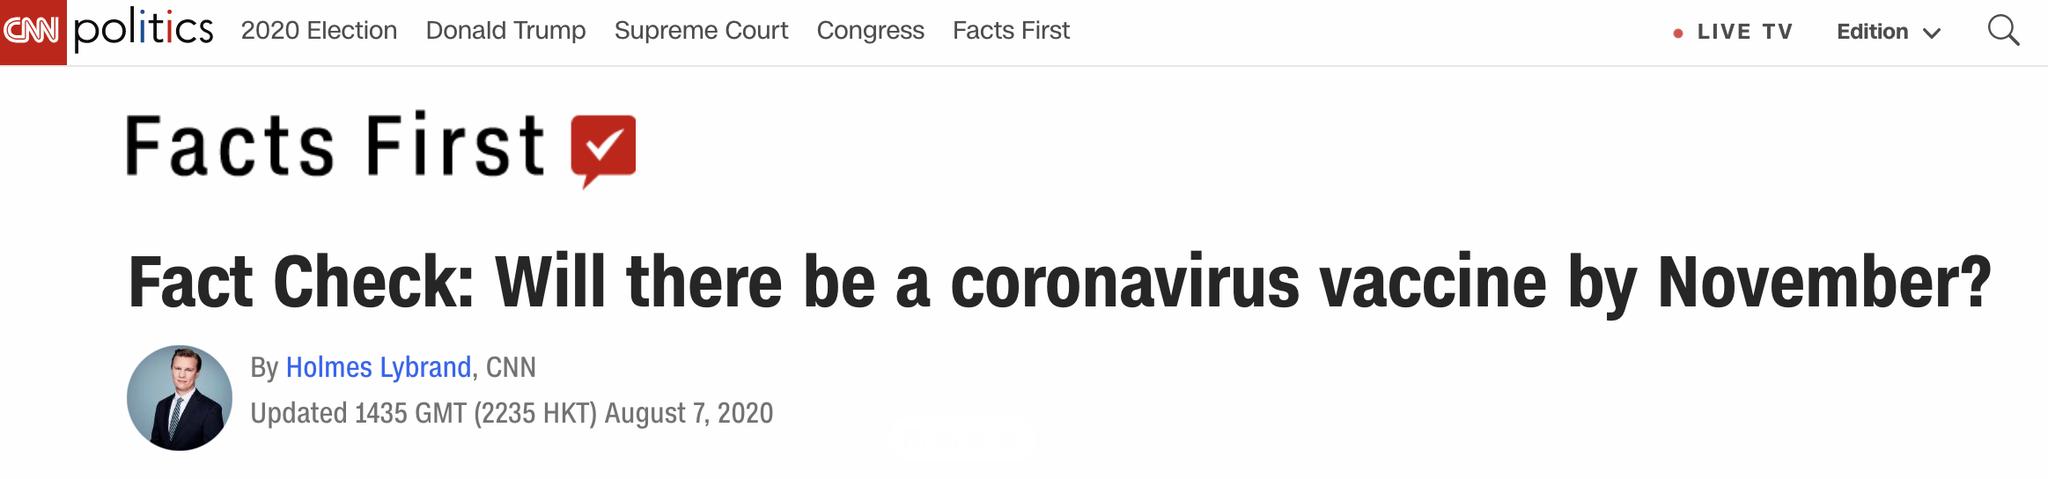 """白宫或为追求""""十月疫苗惊奇""""走审批捷径 专家警告疫苗研发不能捆绑时间表"""